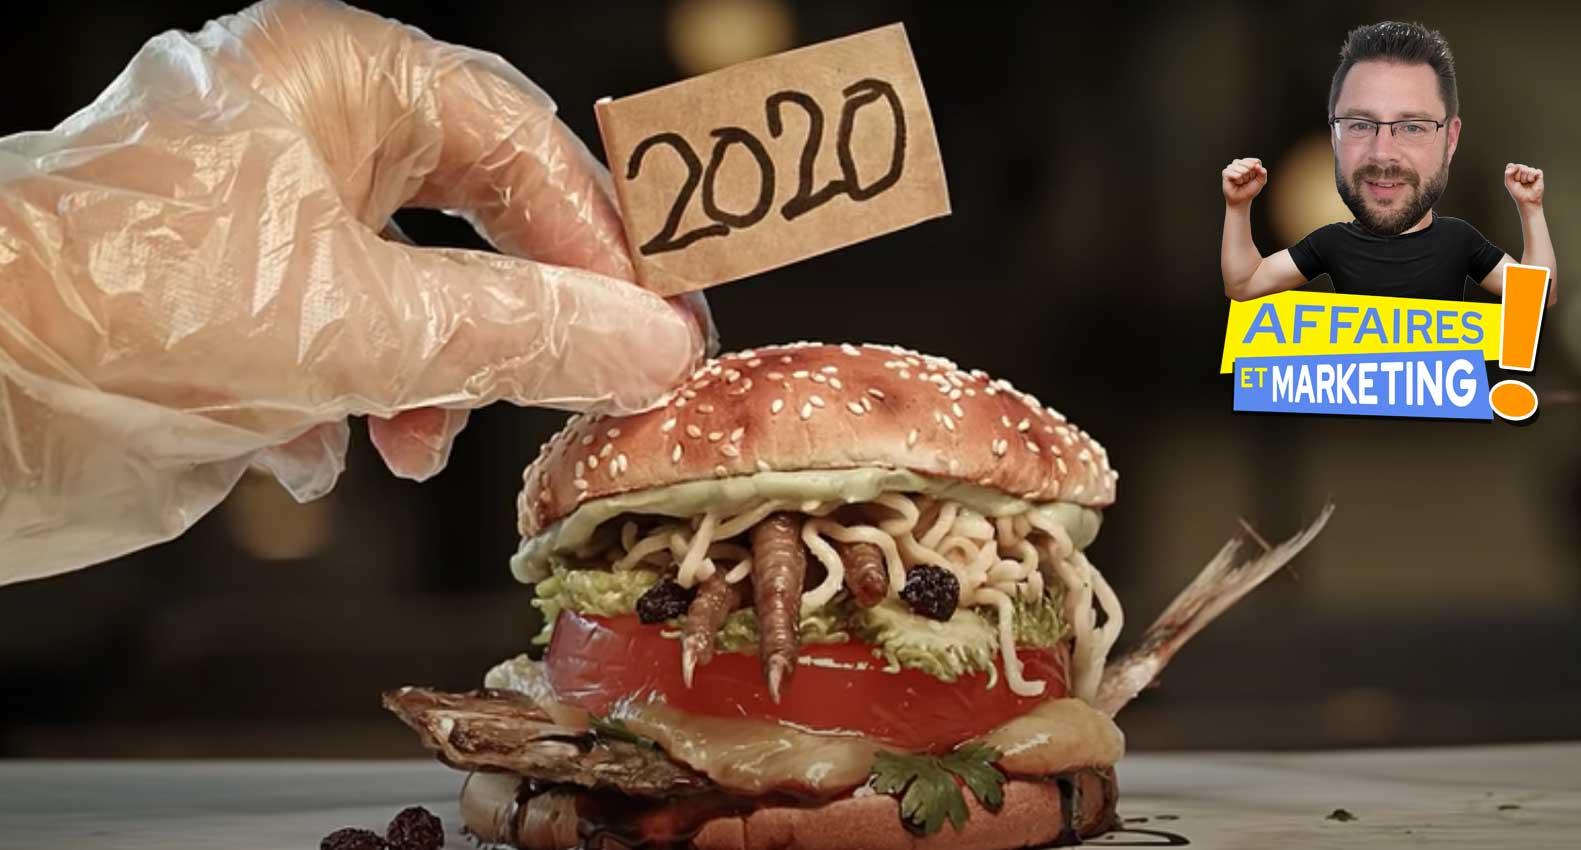 Burger King présente un hamburger qui reflète l'année 2020